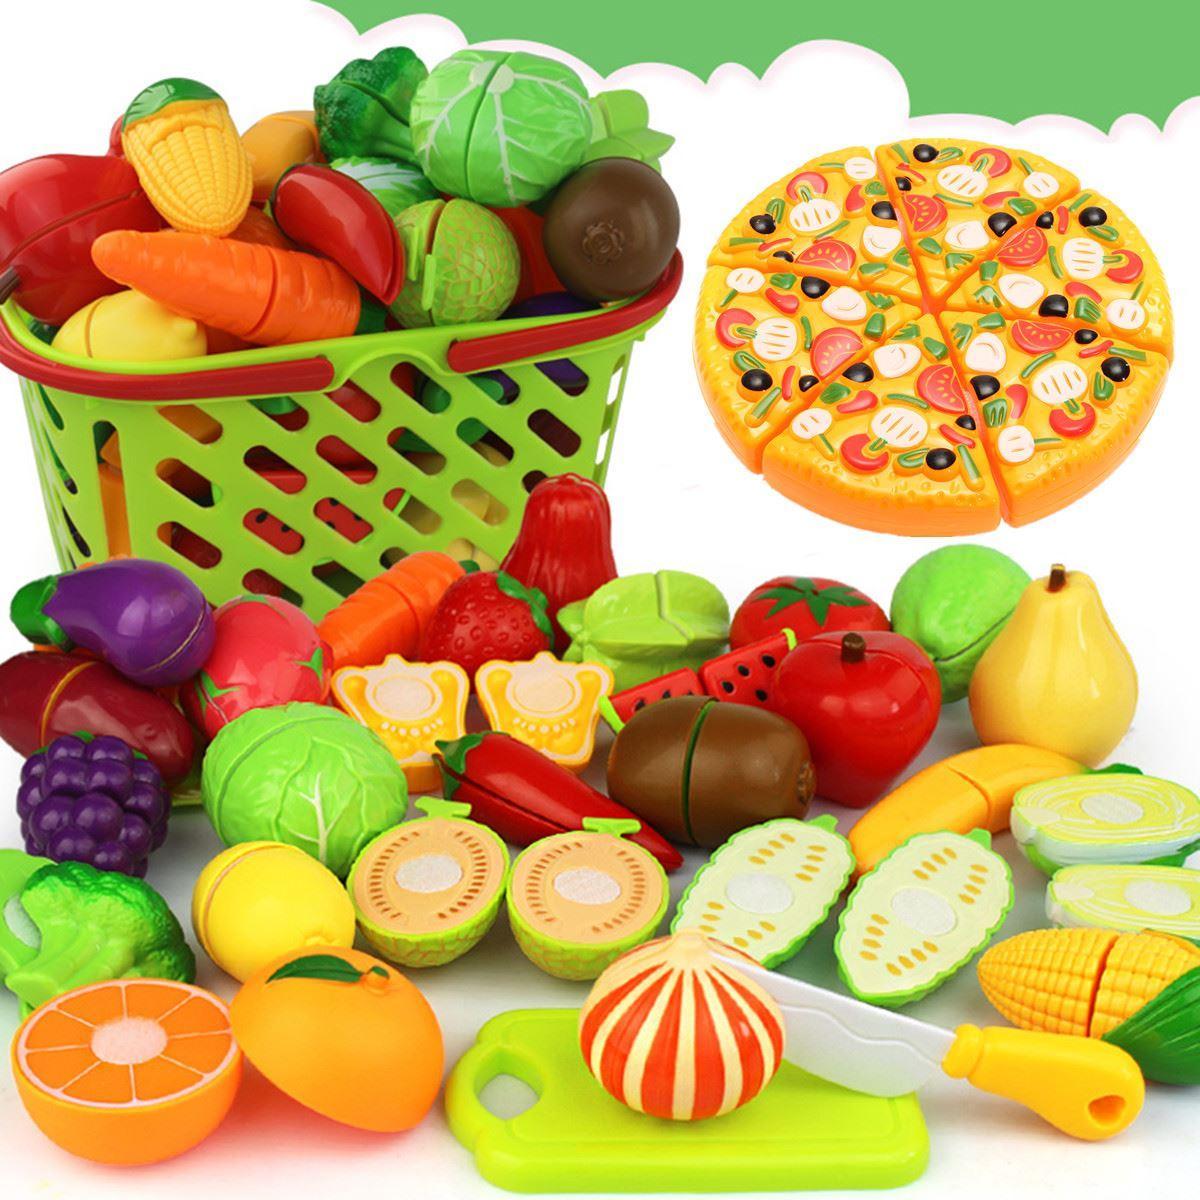 Großhandel 24 Teile / Satz Miniaturen Gemüse Obst Küche Spielzeug ...